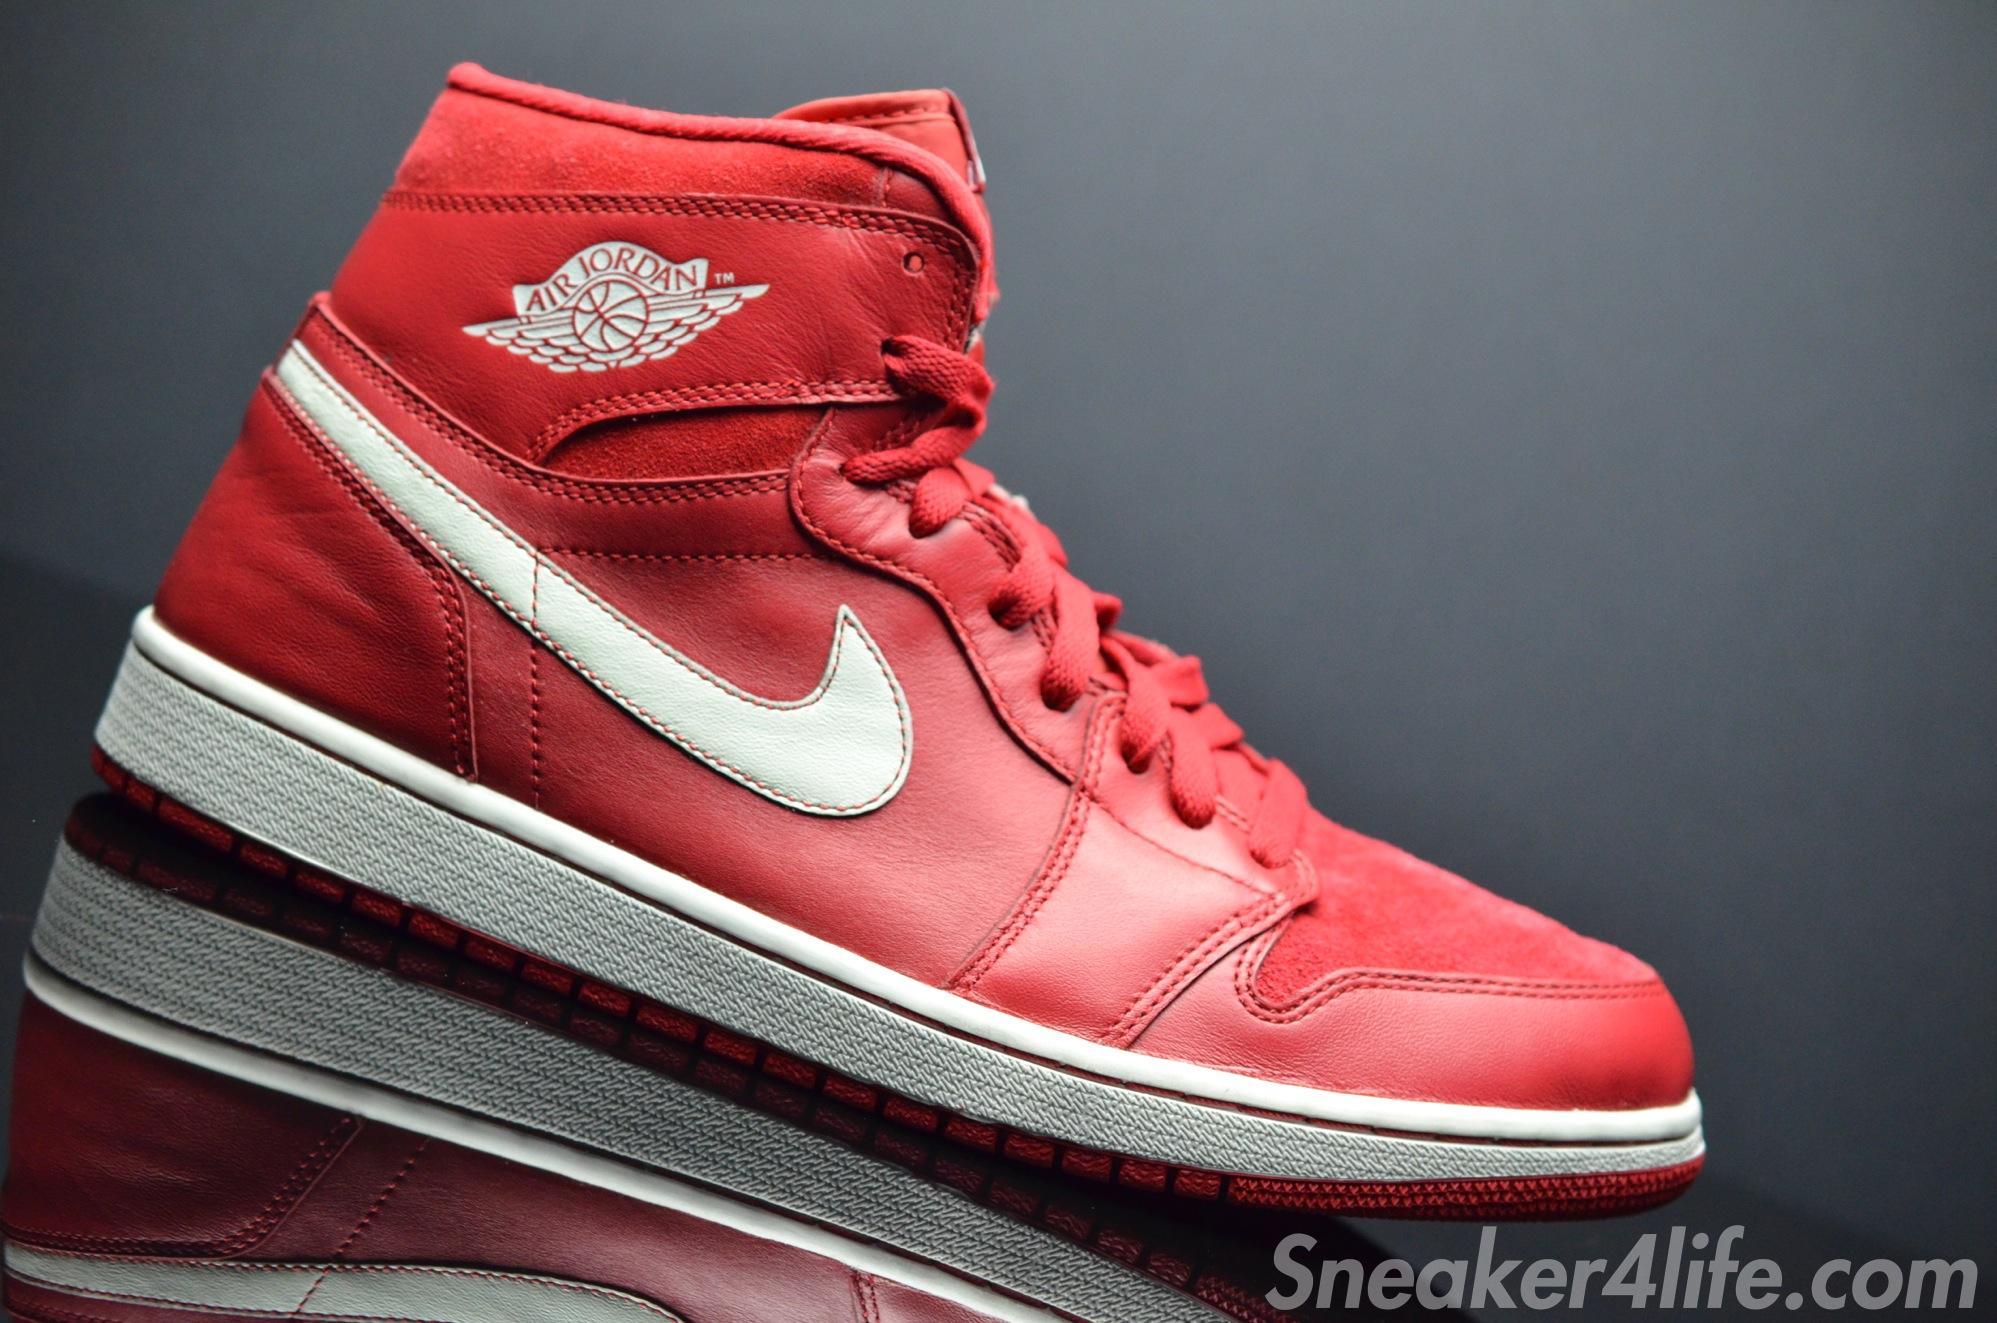 Air Jordan 1 Rétro Haut Og Gym Rouge / Voile